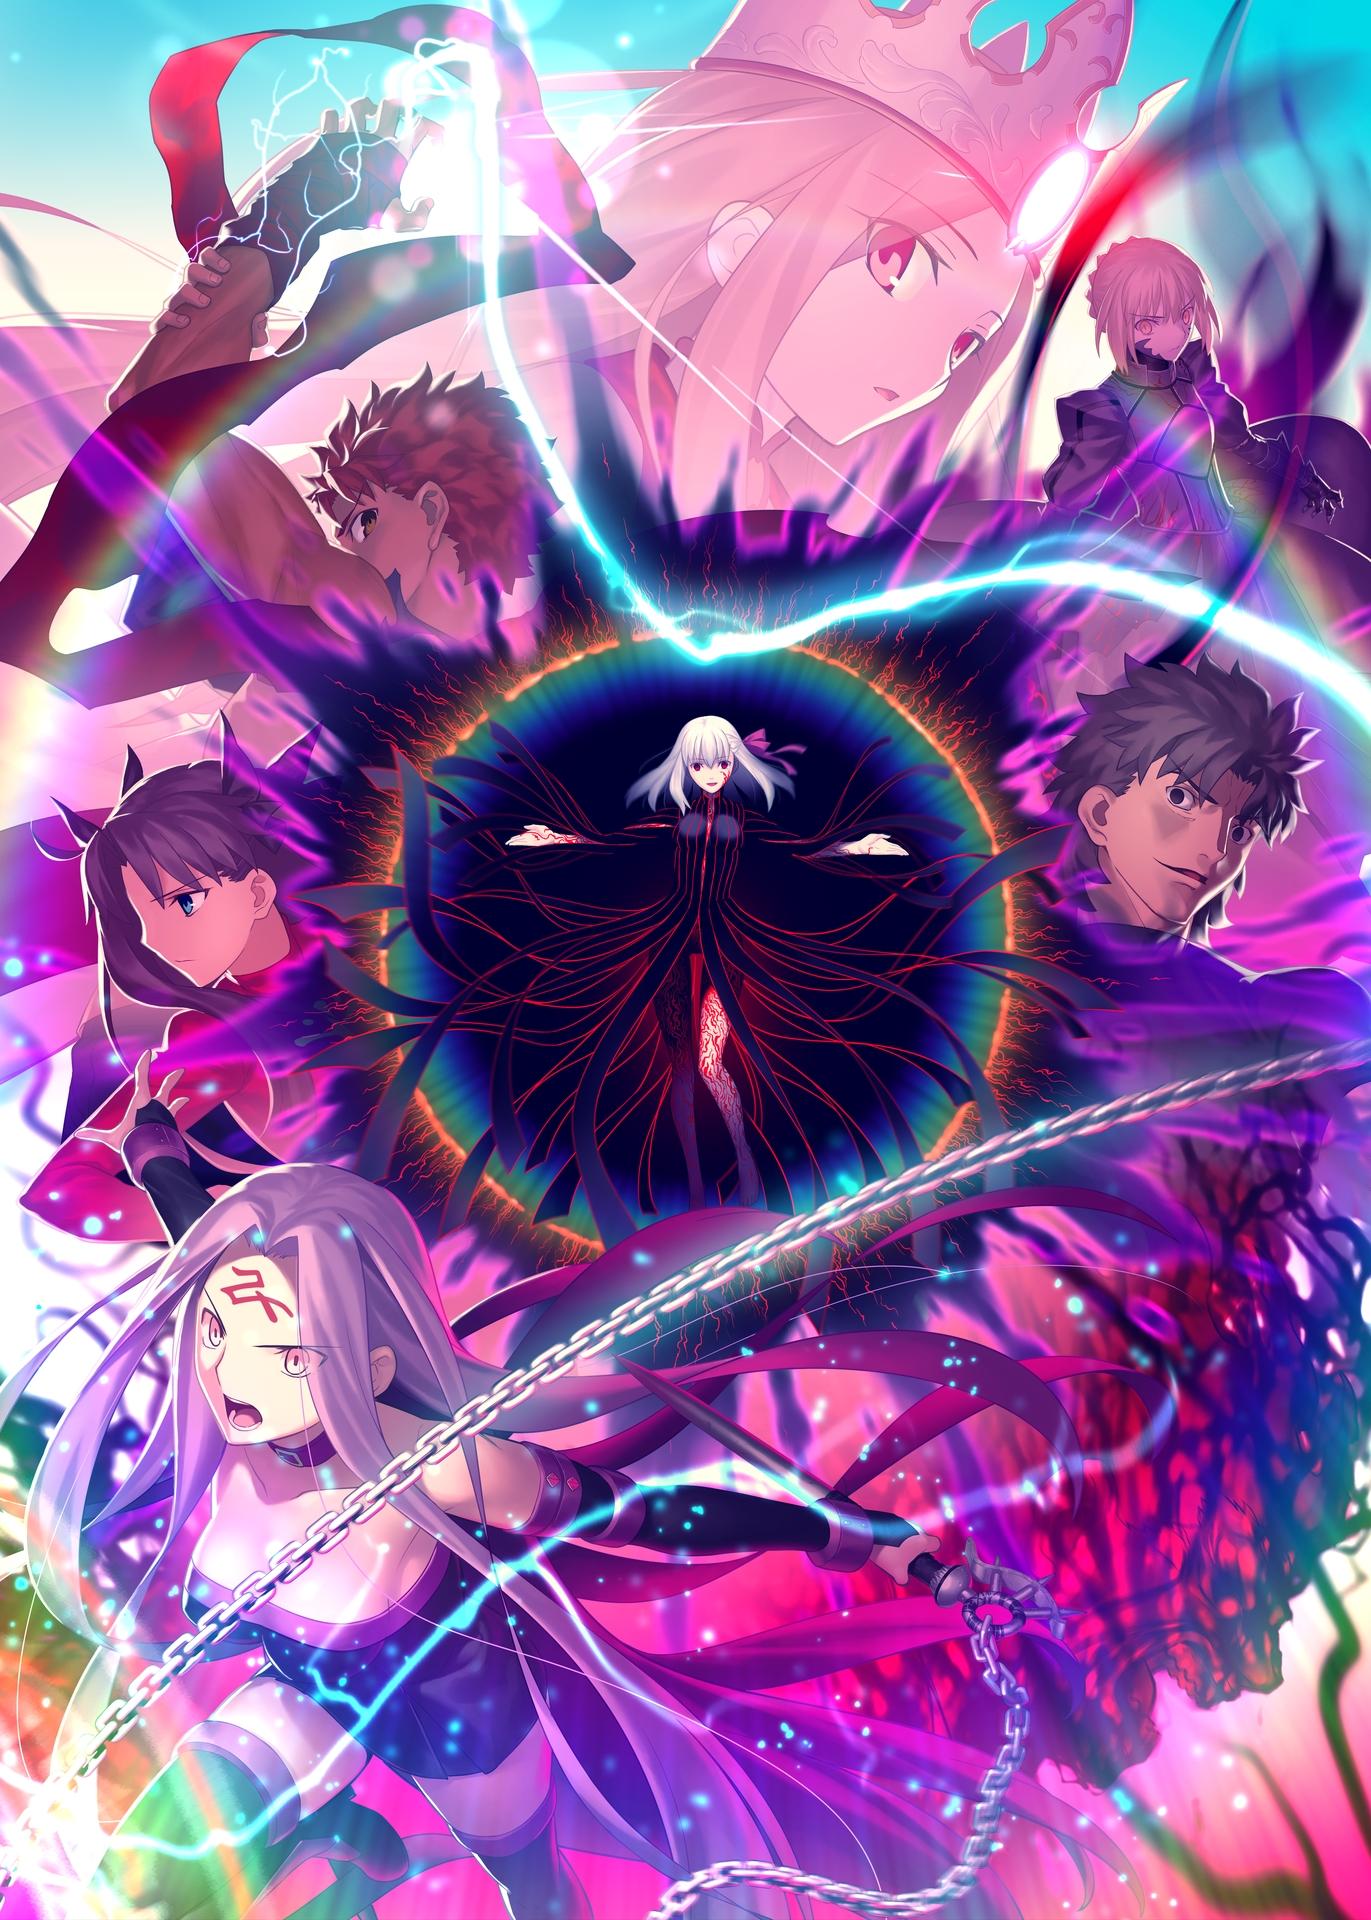 劇場版「Fate/stay night [Heaven's Feel]」最終章が本日8月15日より公開! - GAME Watch